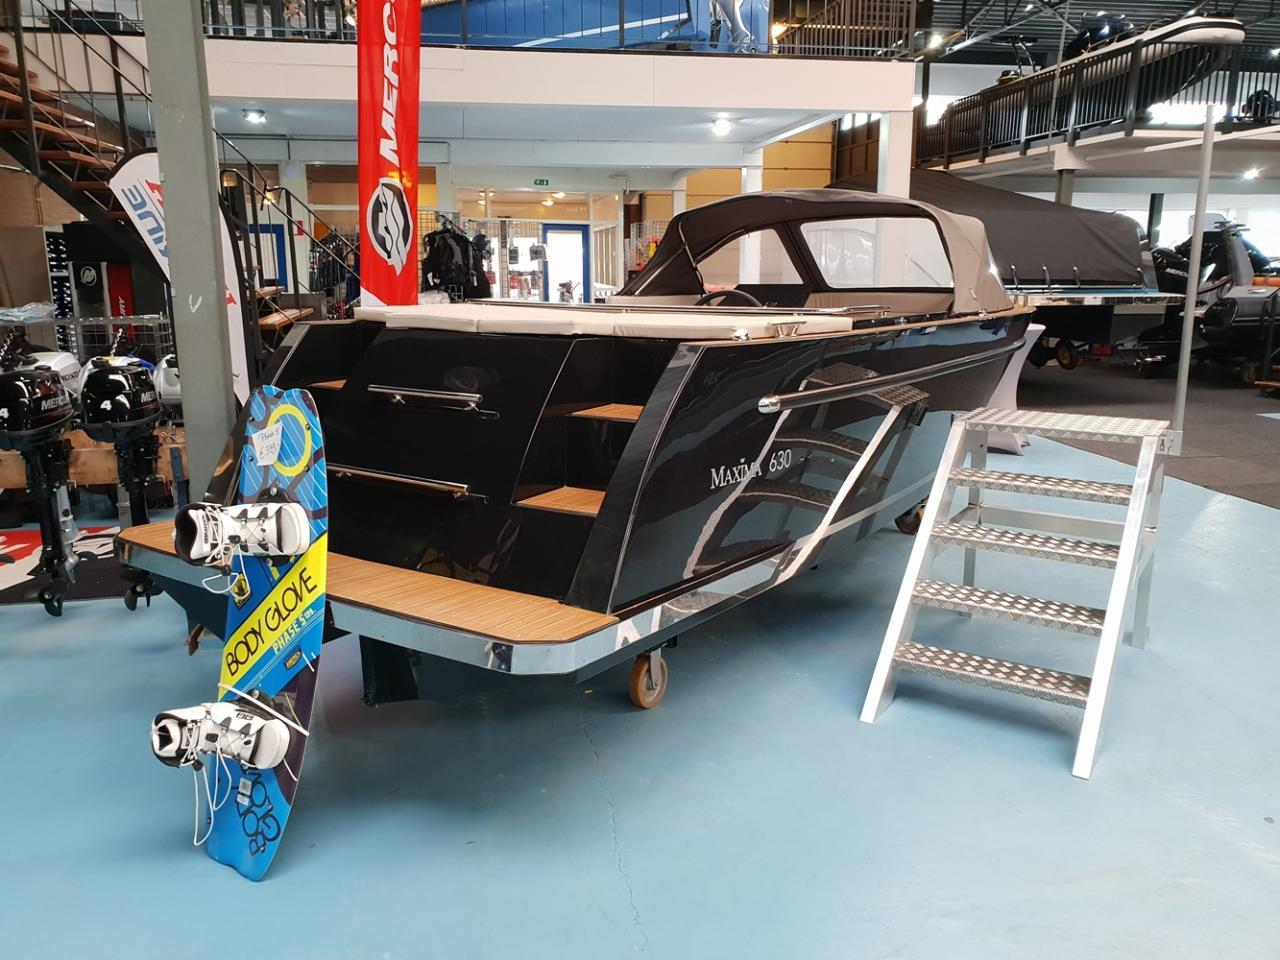 Maxima 630 met honda 60 pk motor 5